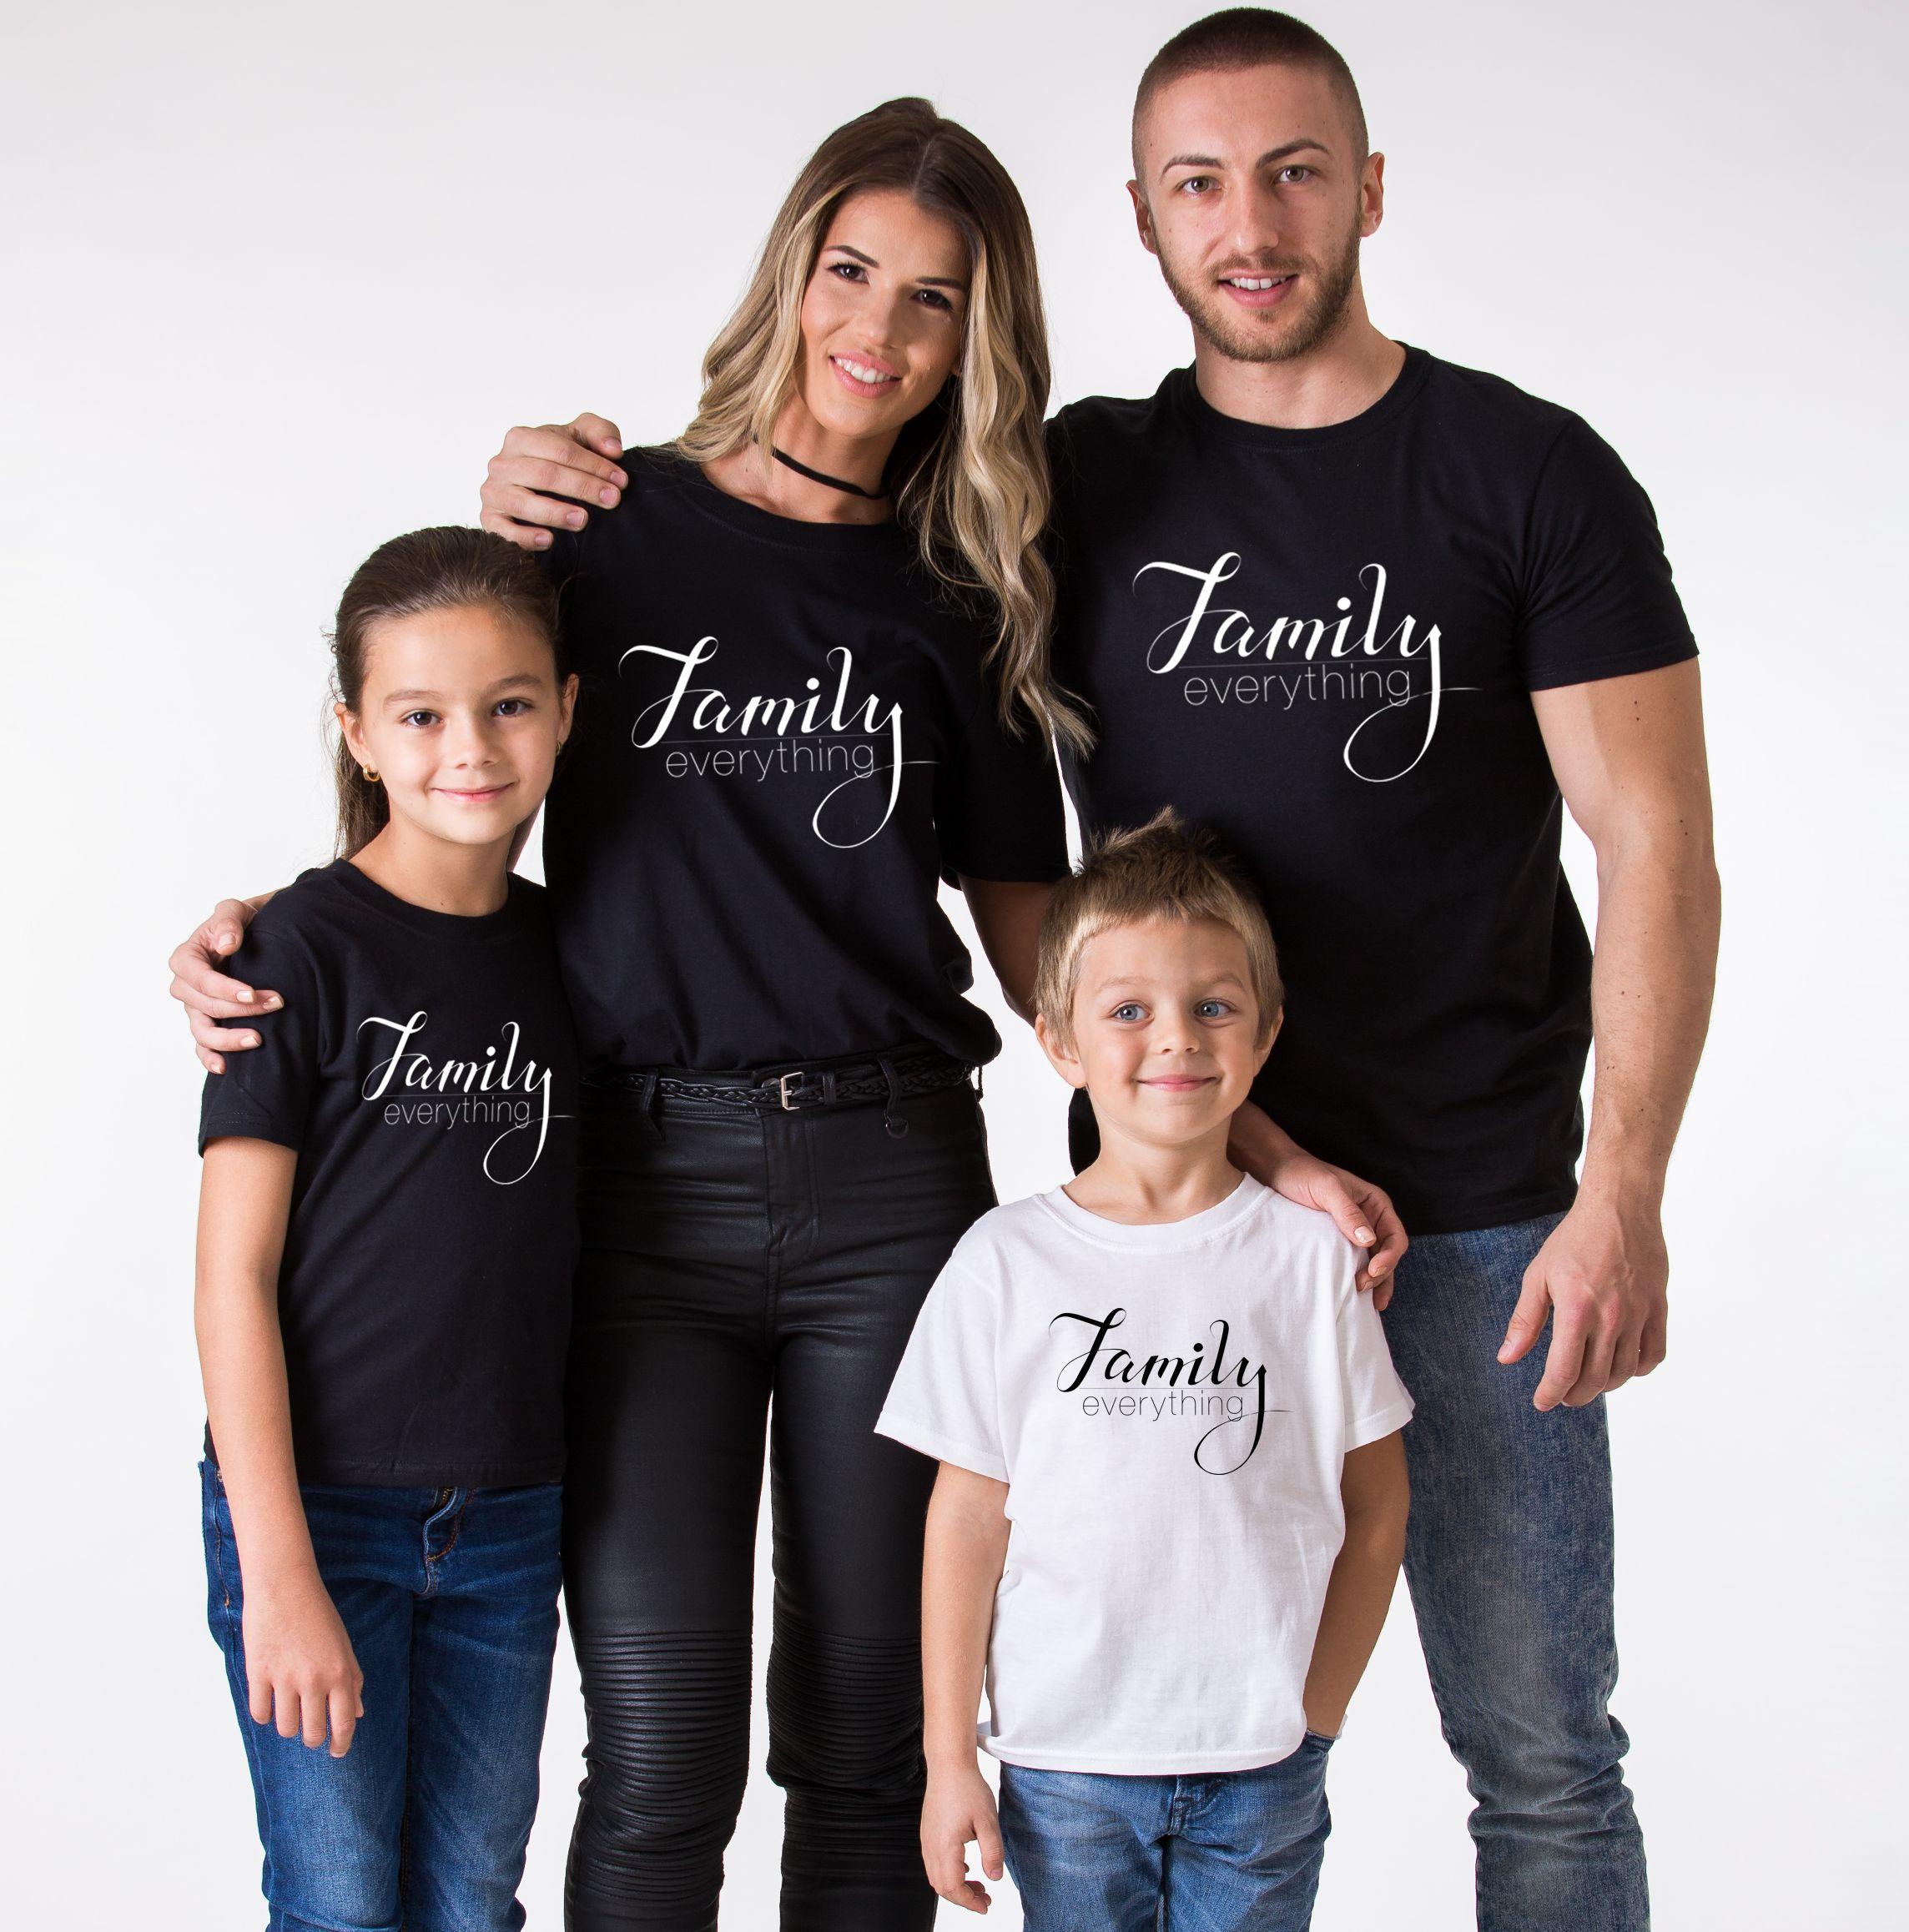 Family Matching Shirts, Family Everything, Unisex